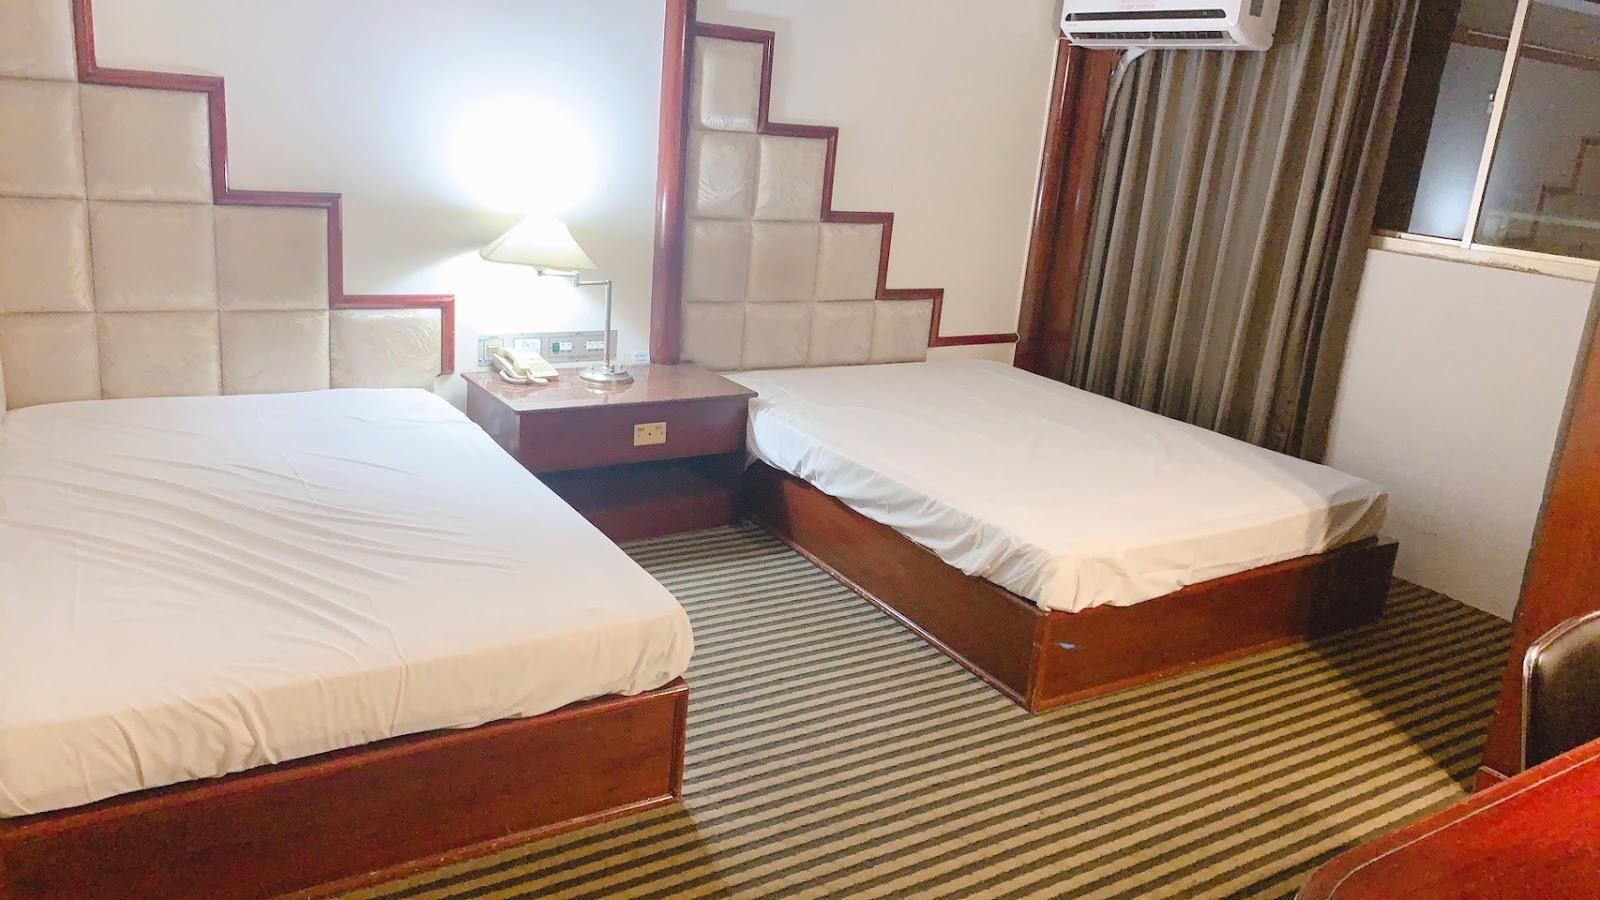 防疫旅館小幫手-台中市防疫旅館豪華4人房型